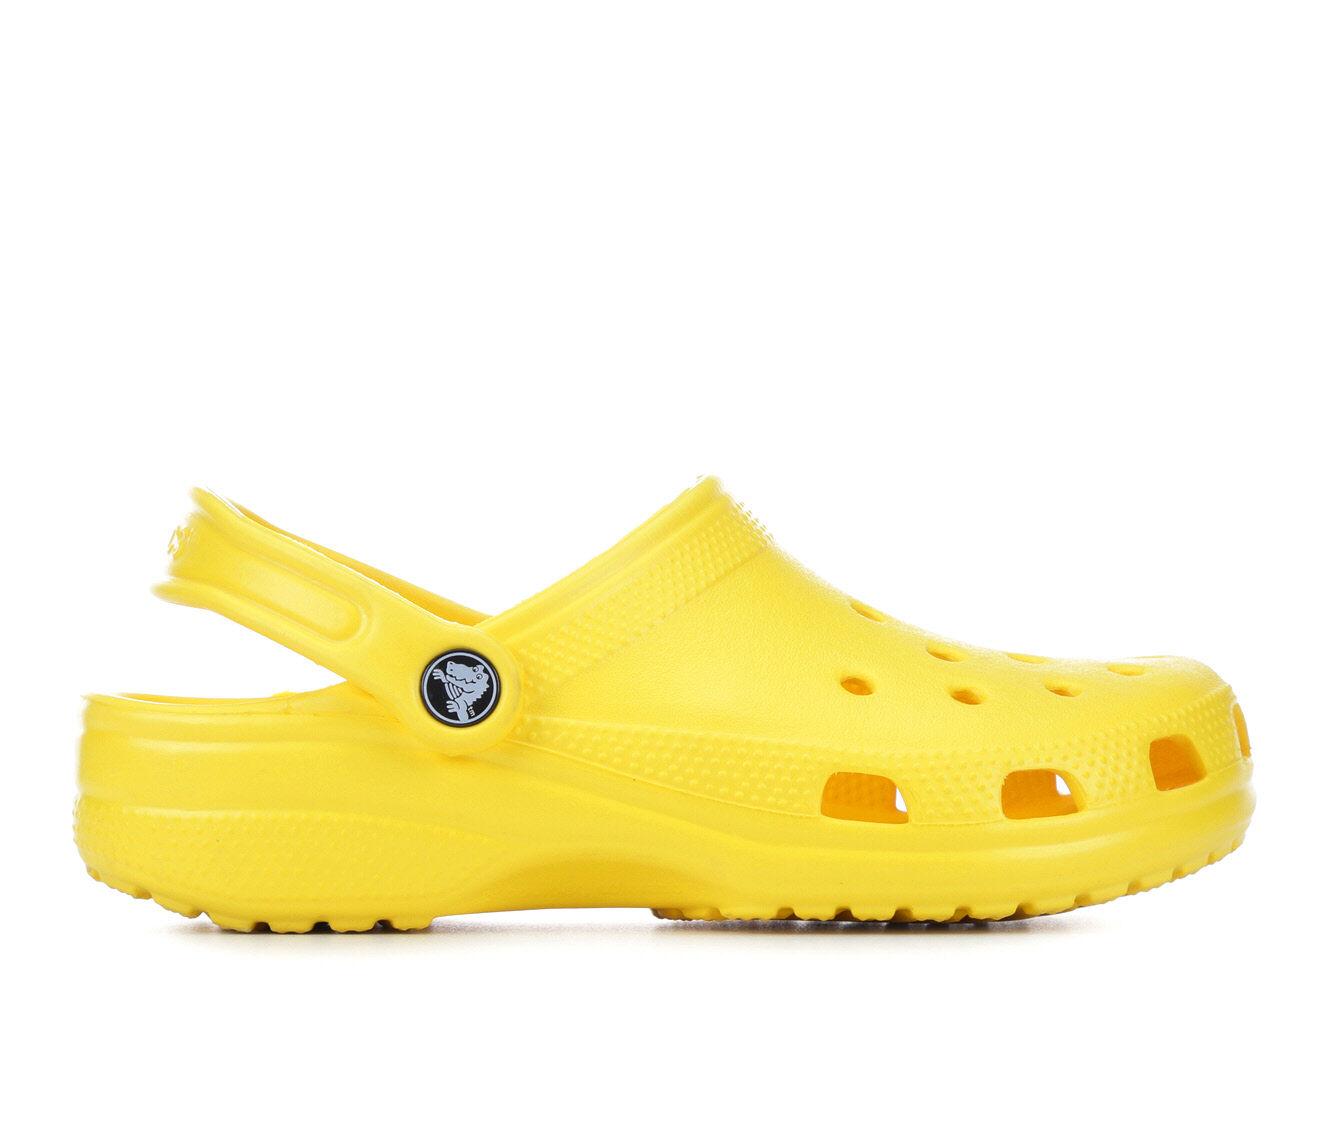 Women's Crocs Classic Clogs Lemon